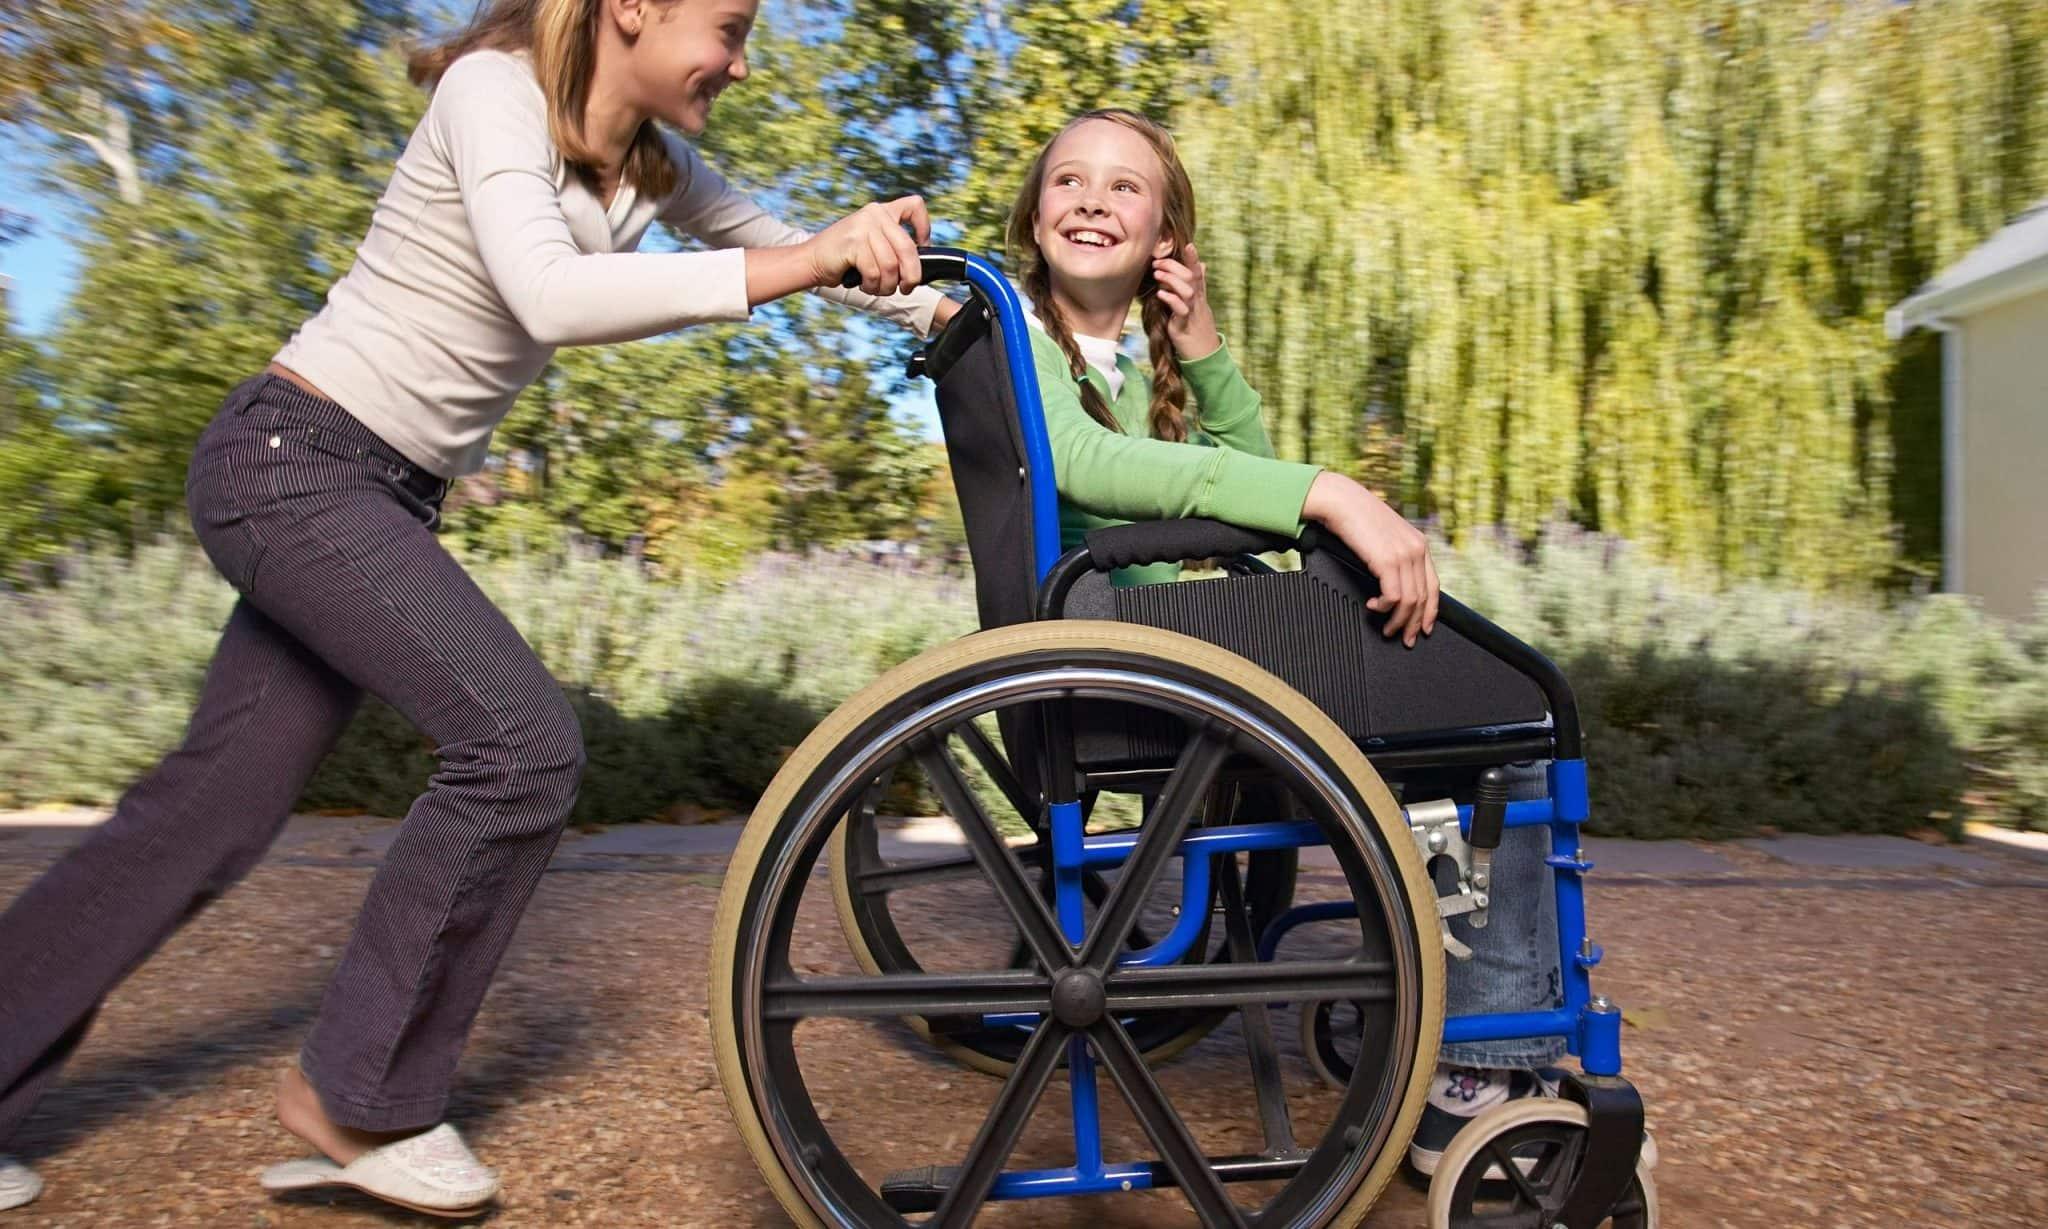 Deficientes físicos na Disney e Orlando: esteiras rolantes no Universal Studios Orlando: acessibilidade nos parques de Orlando